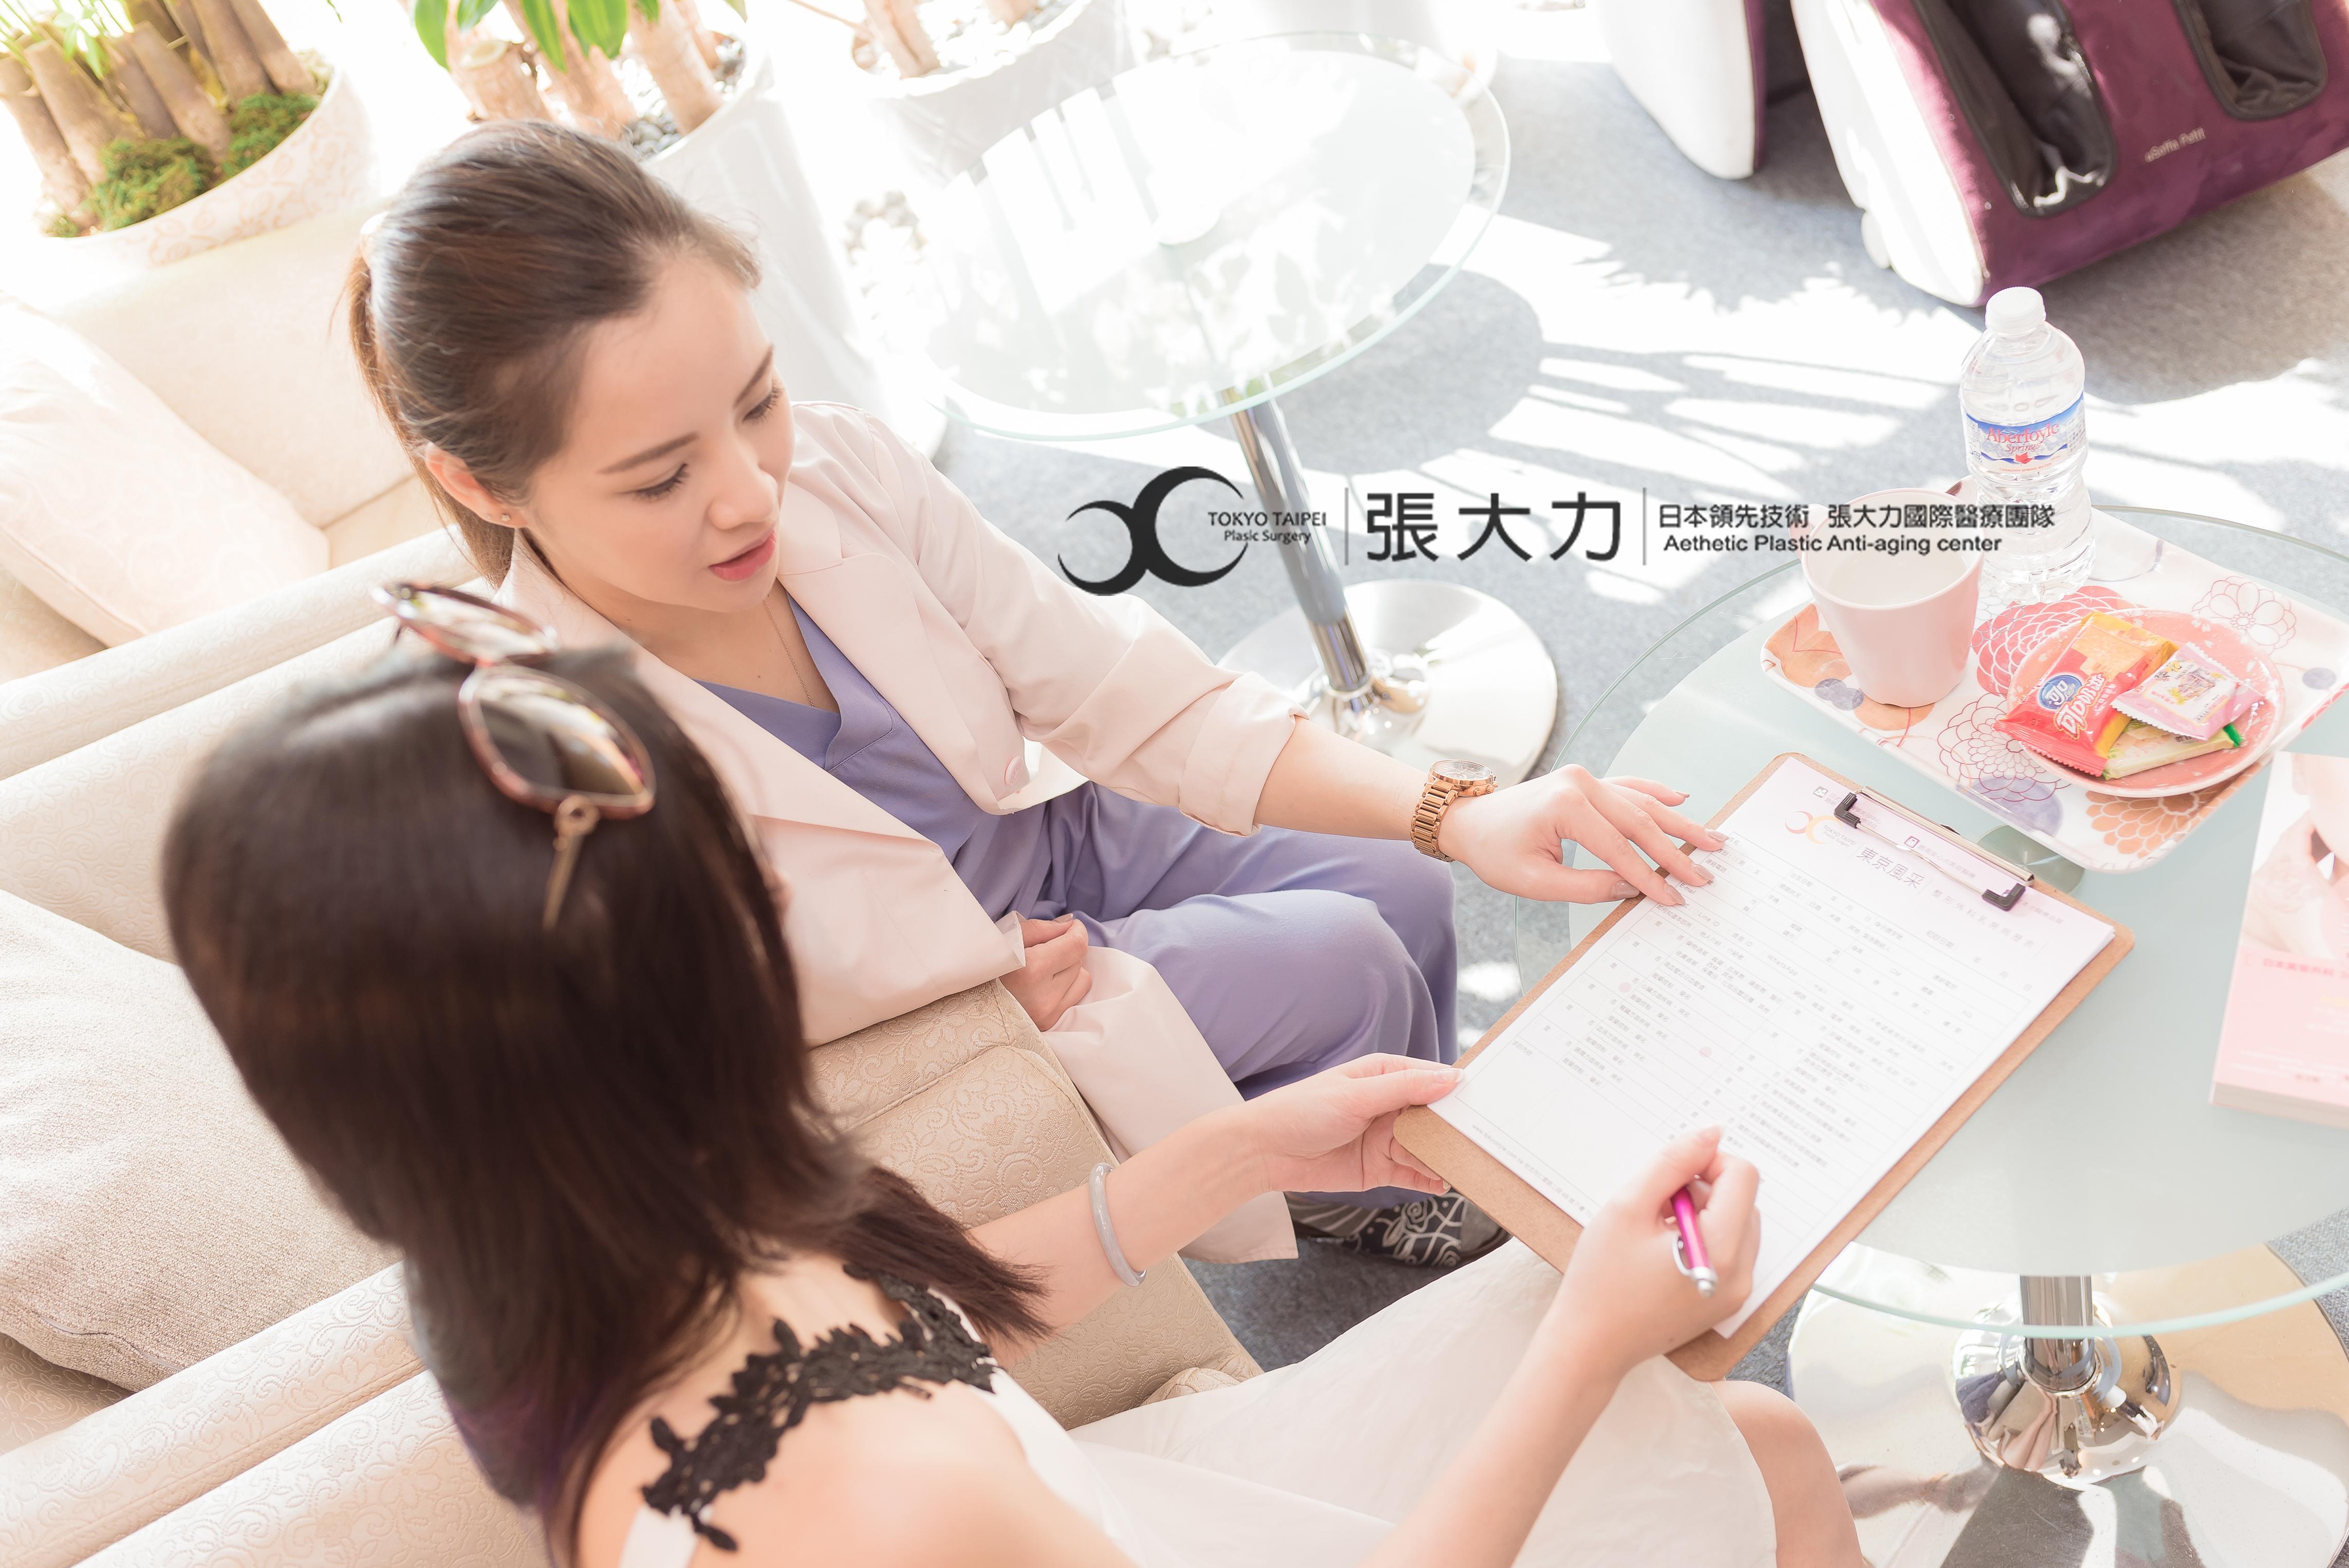 隆乳手術前諮詢-東京風采整形外科診所